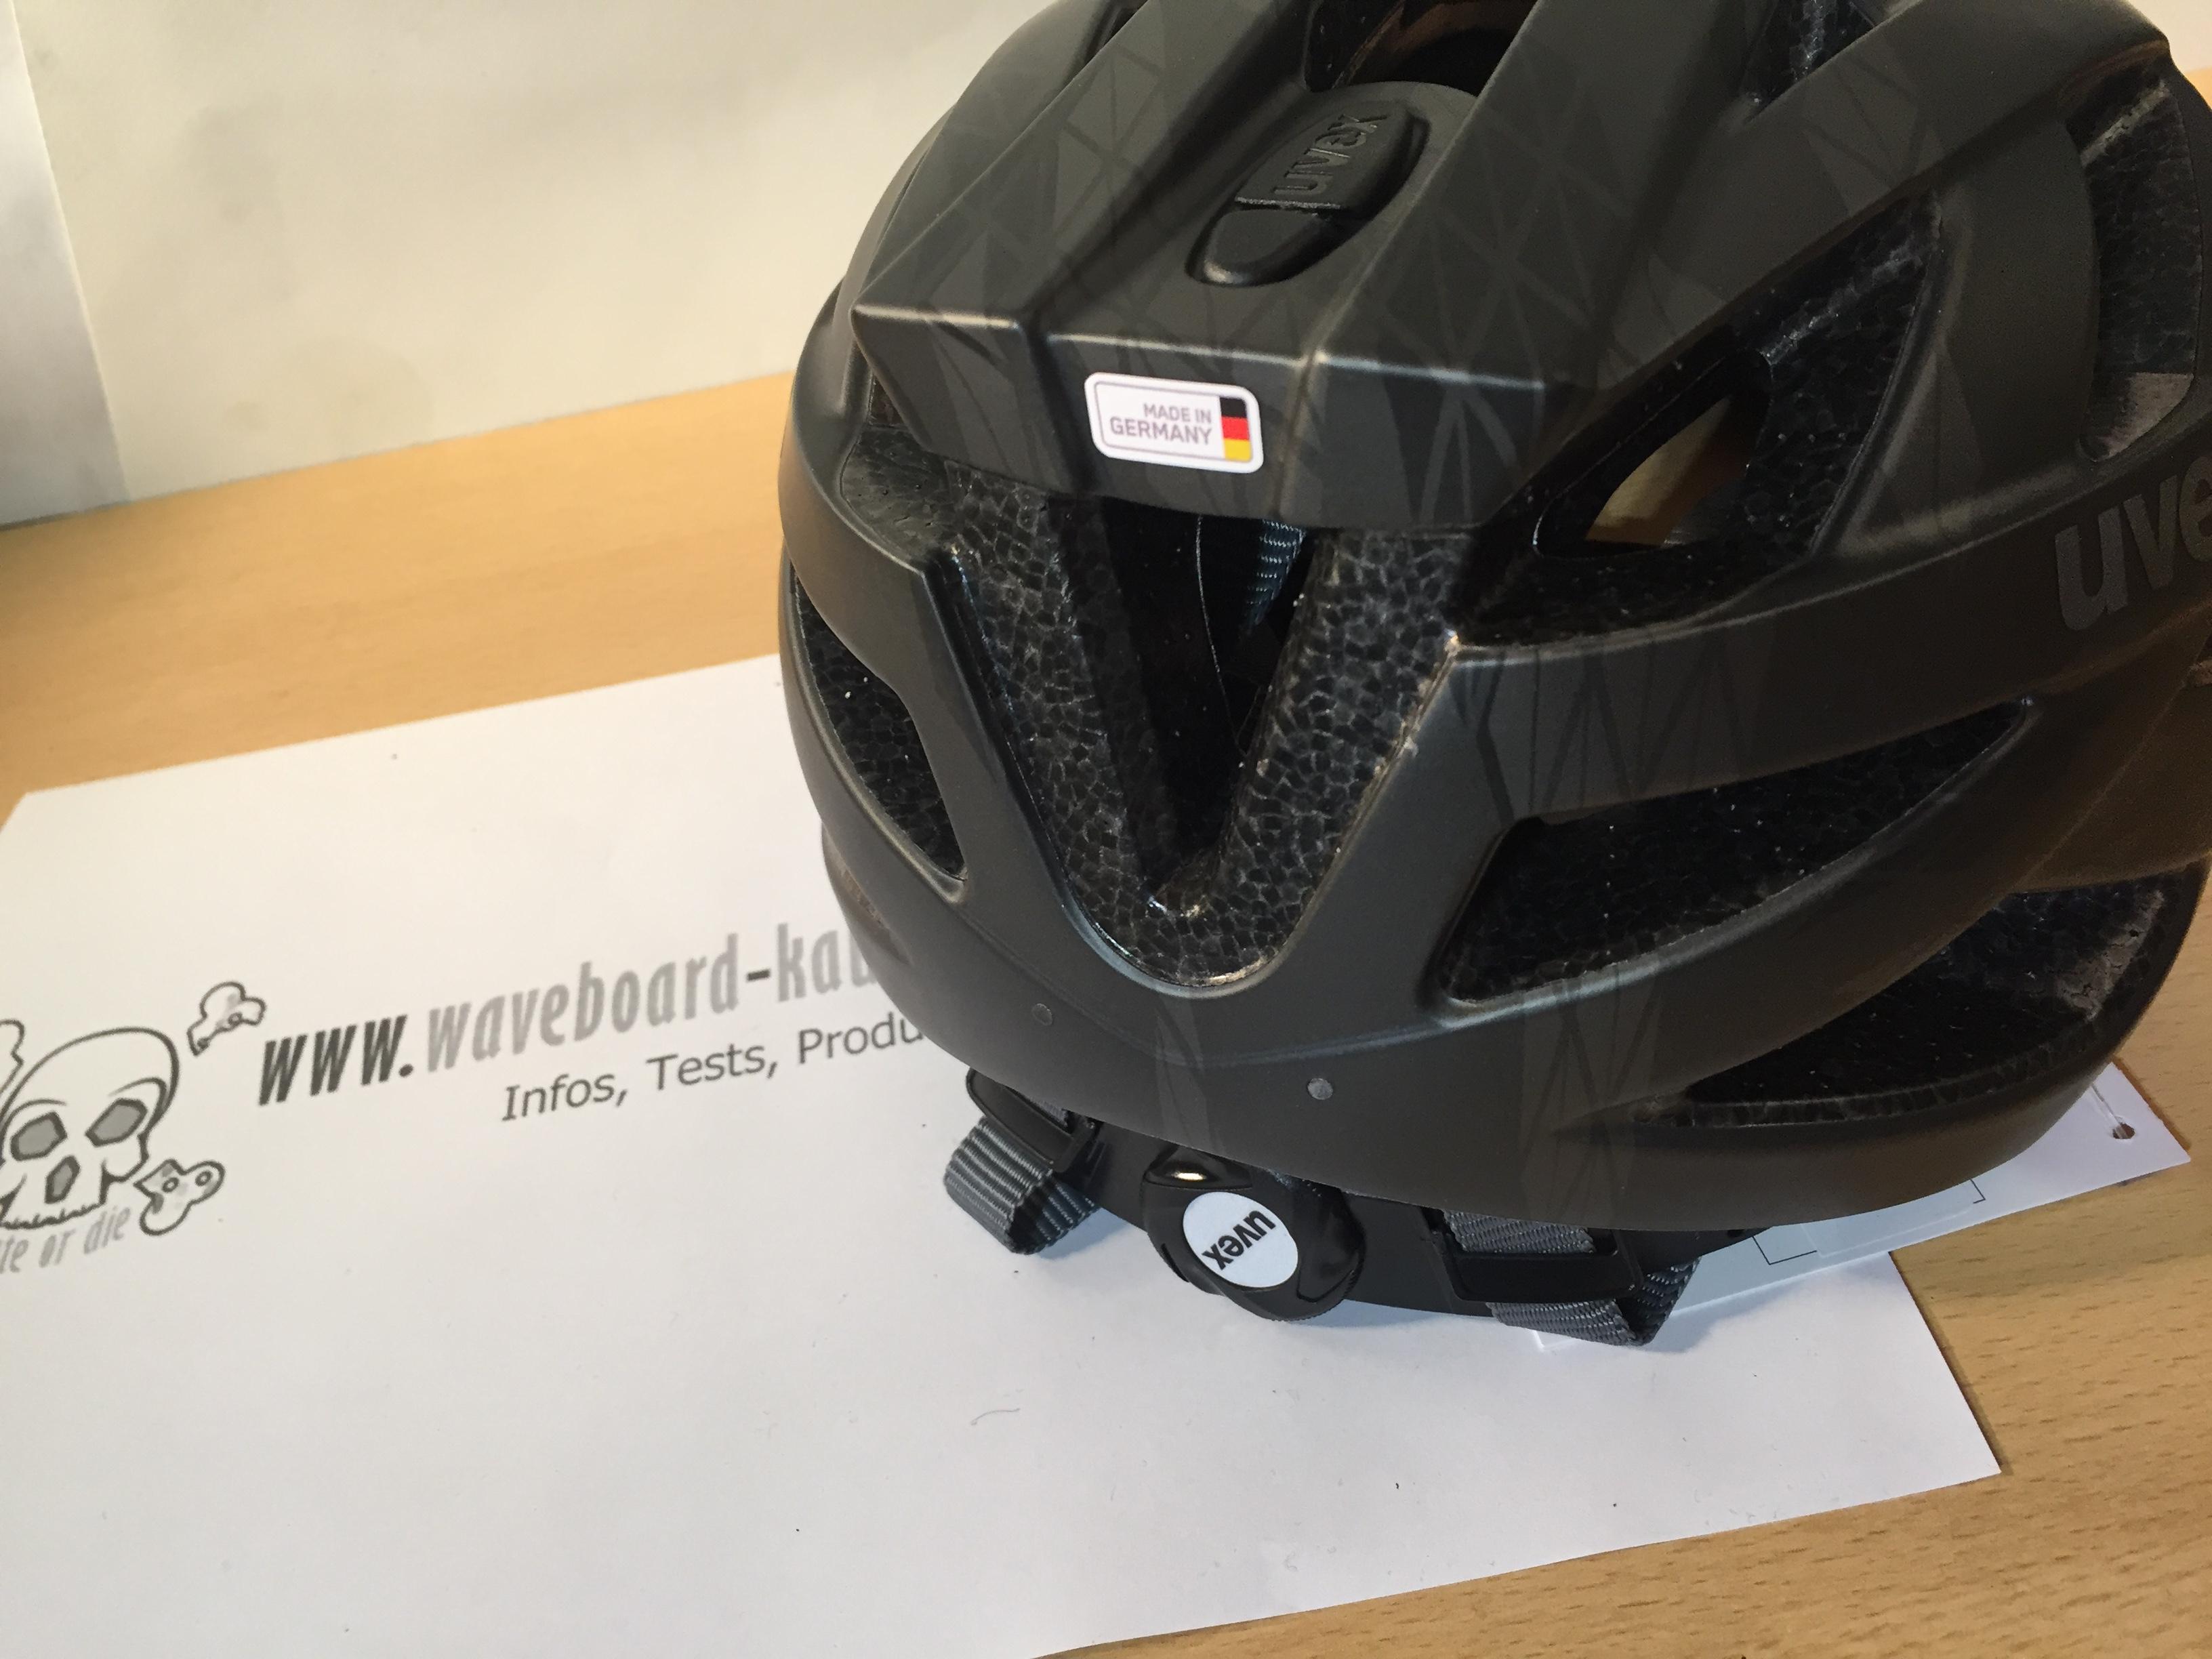 Die Rückseite des Helms in der Nahaufnahme fotografiert. Das verstellsystem für den Hinterkopf ist zu sehen.